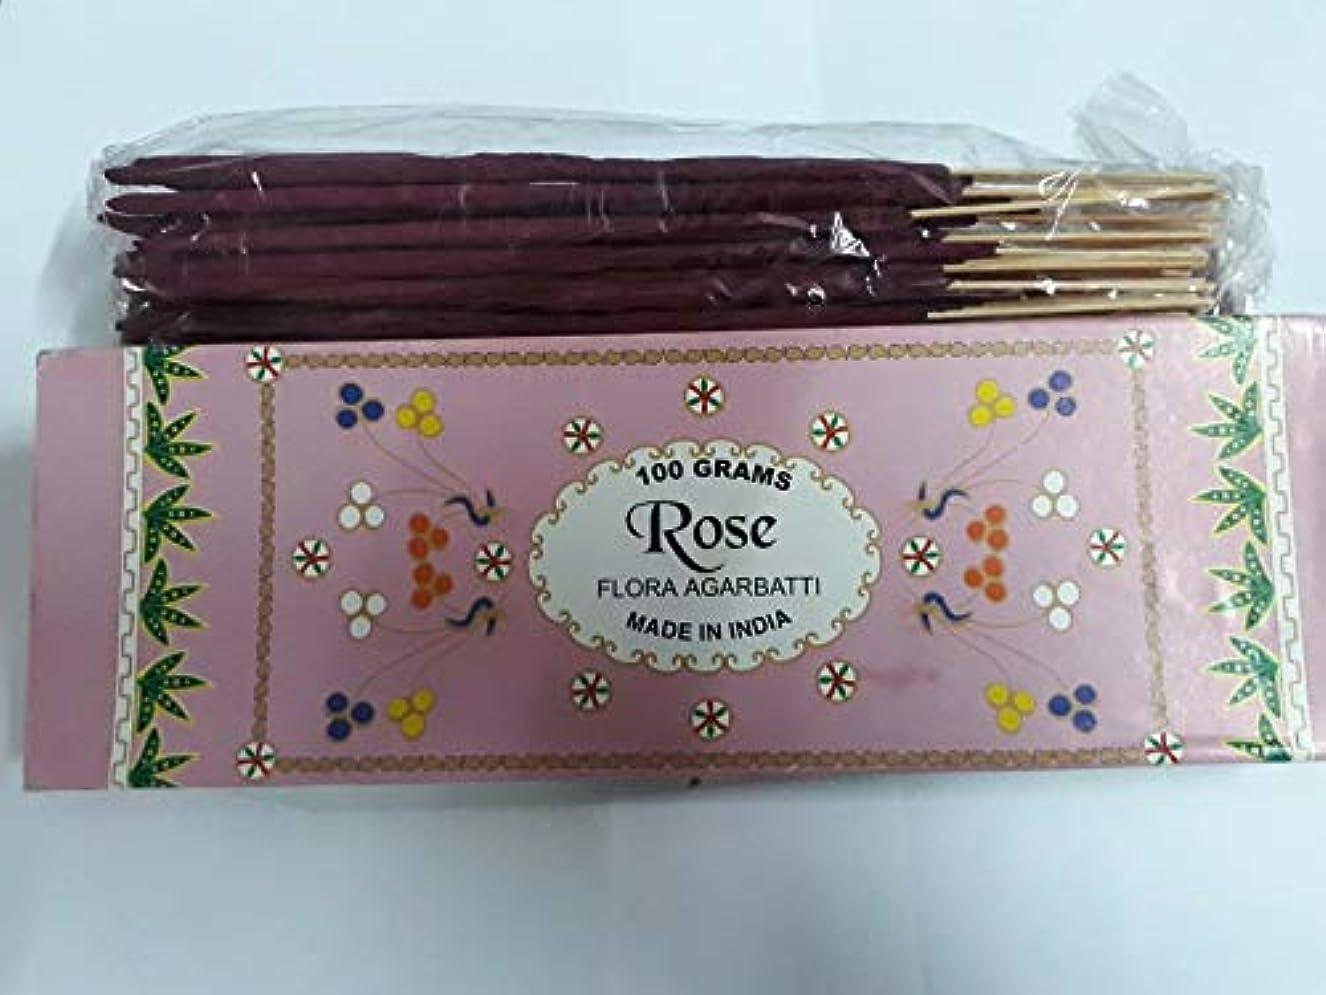 ナプキン暖炉運ぶRose (Gulaab) ローズ Agarbatti Incense Sticks 線香 100 grams Flora フローラ Incense Agarbatti